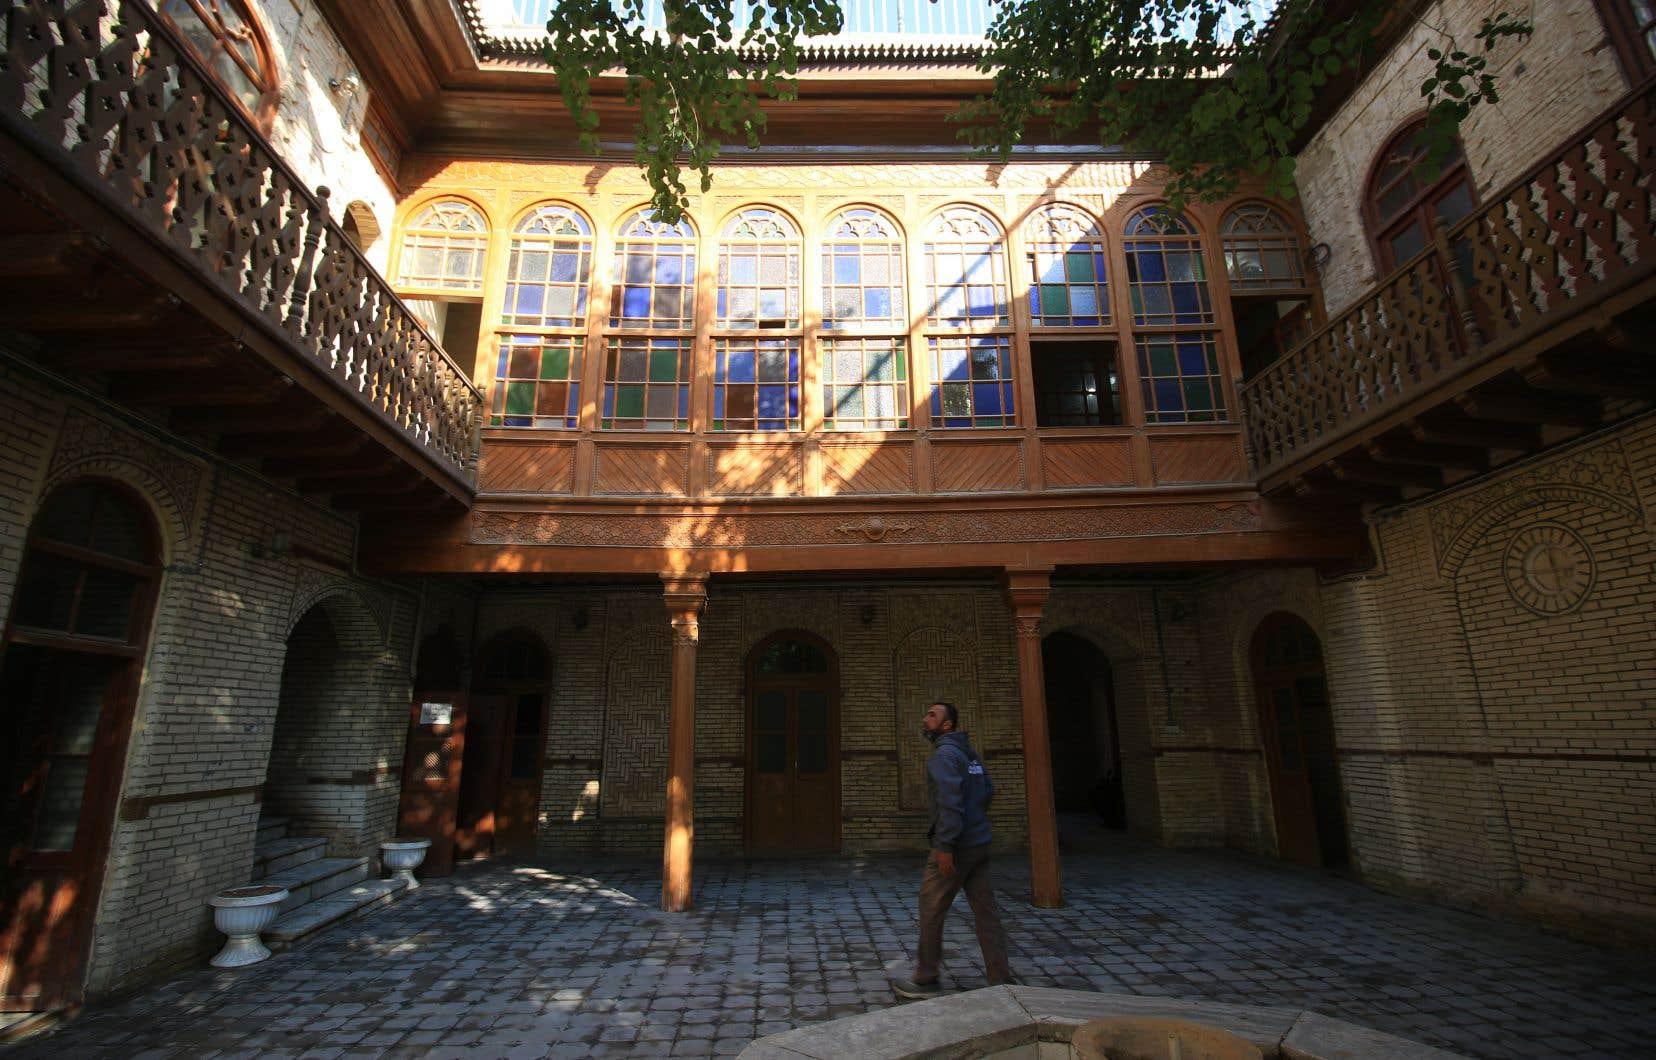 Un Irakien marche dans la cour intérieure d'une vieille maison patricienne aux fenêtres orientales ouvragées, appelées «chanachil».